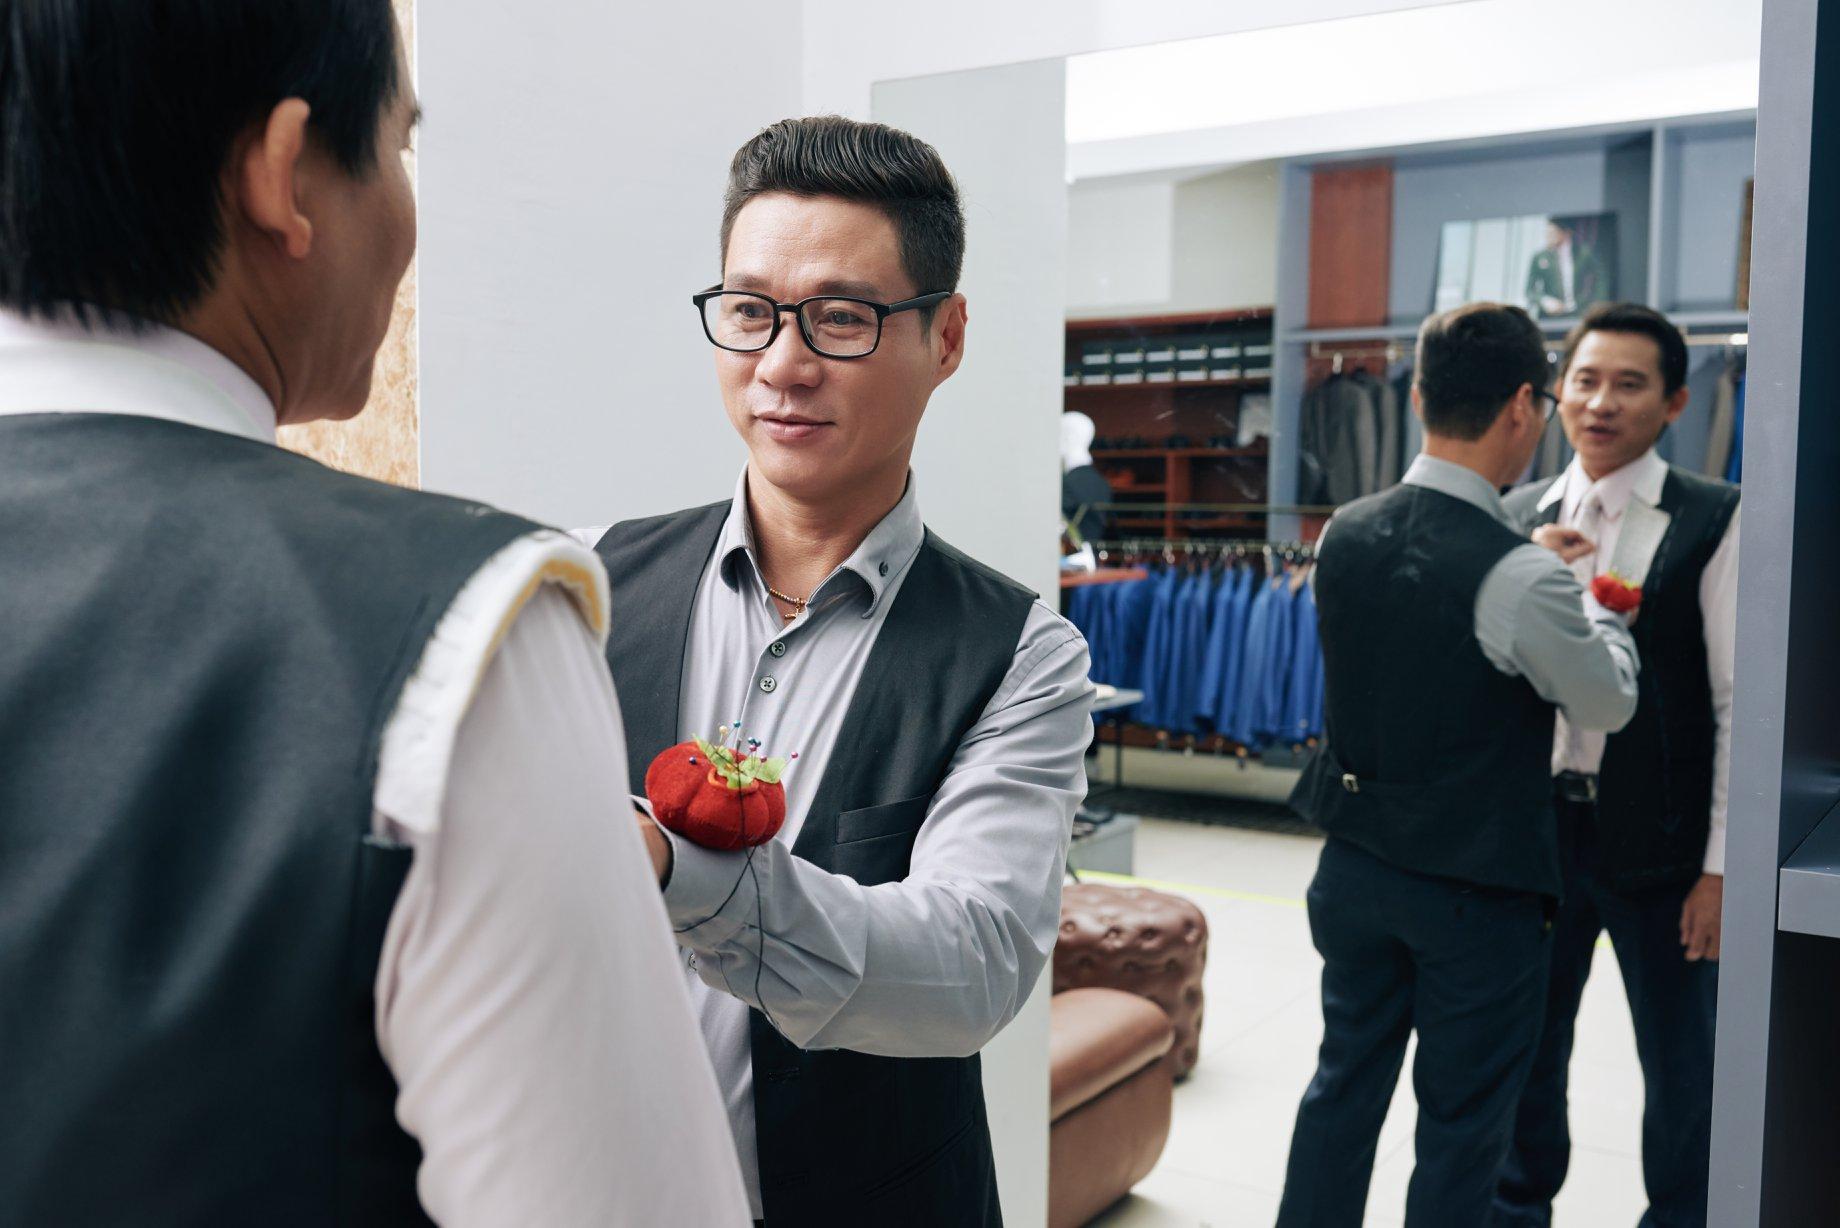 Công ty may đồng phục văn phòng - Dễ dàng sở hữu sự chuyên nghiệp